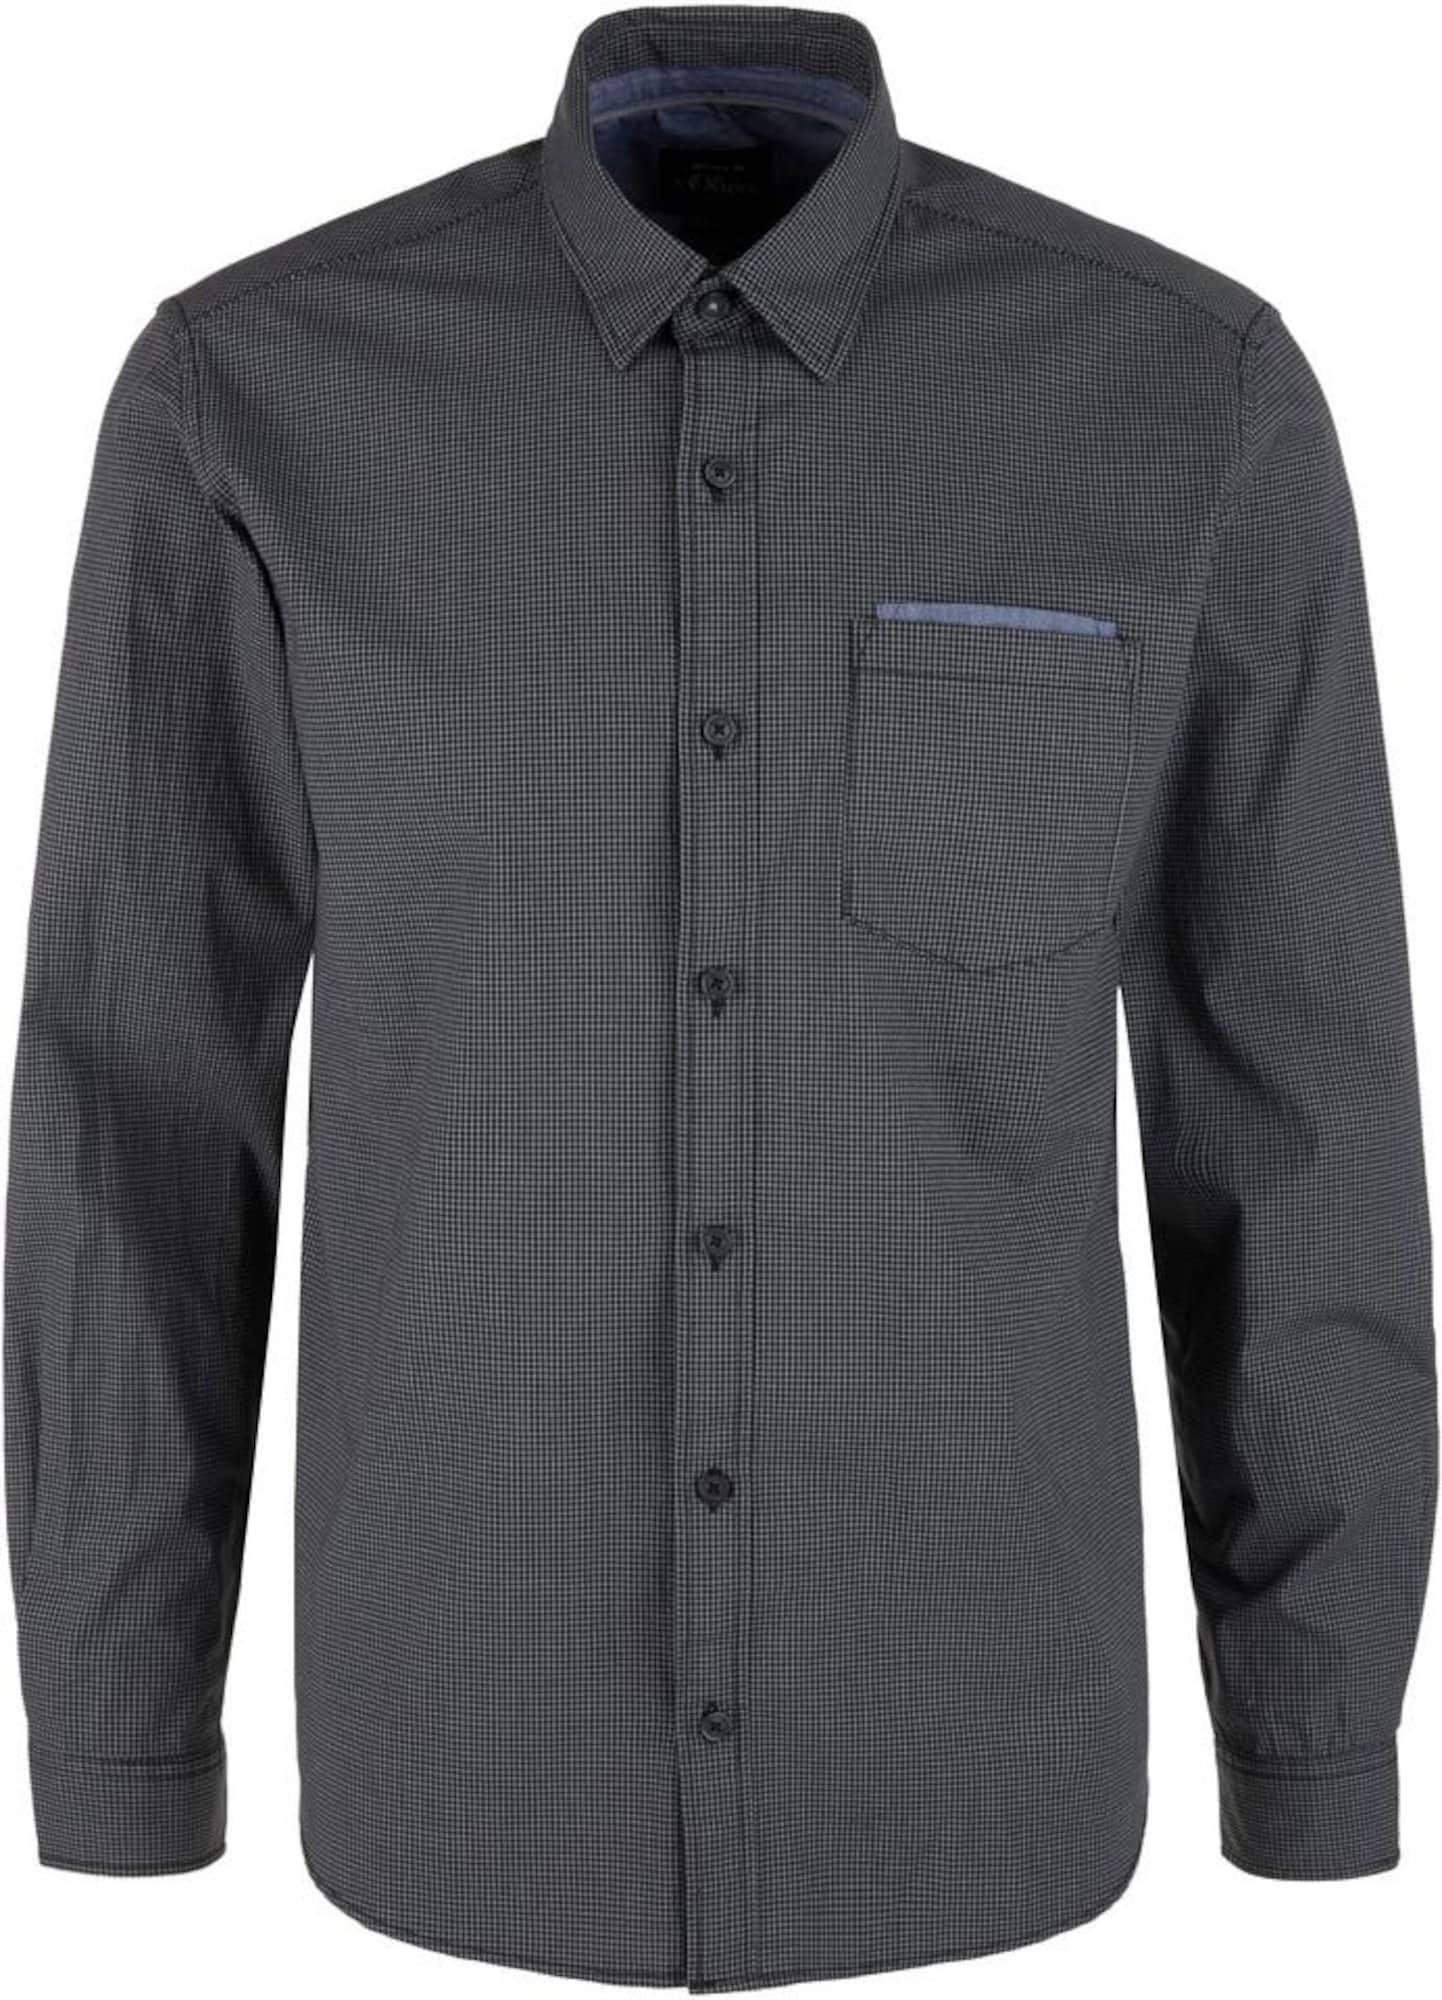 s.Oliver Marškiniai šviesiai pilka / tamsiai pilka